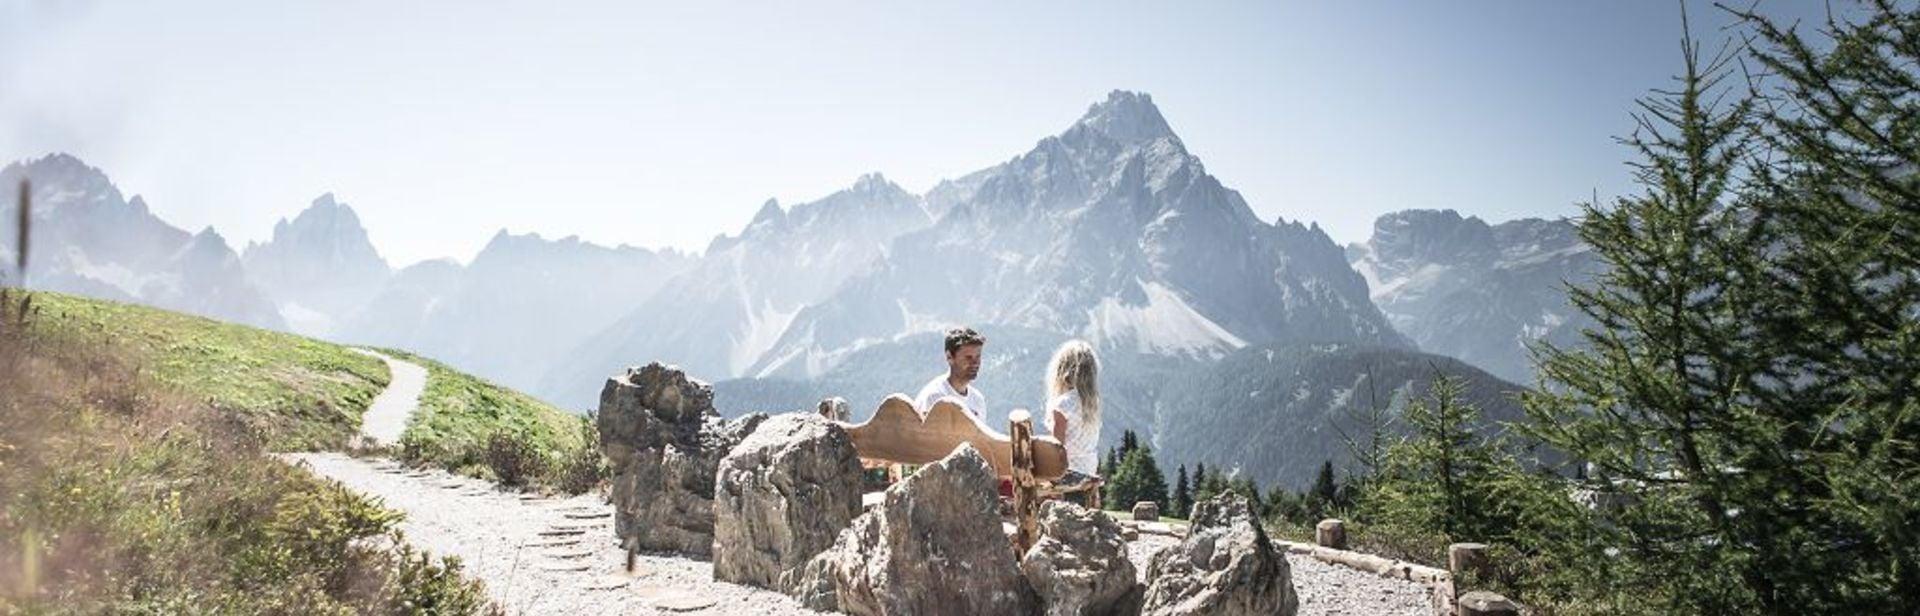 Tempo per il piacere delle montagne